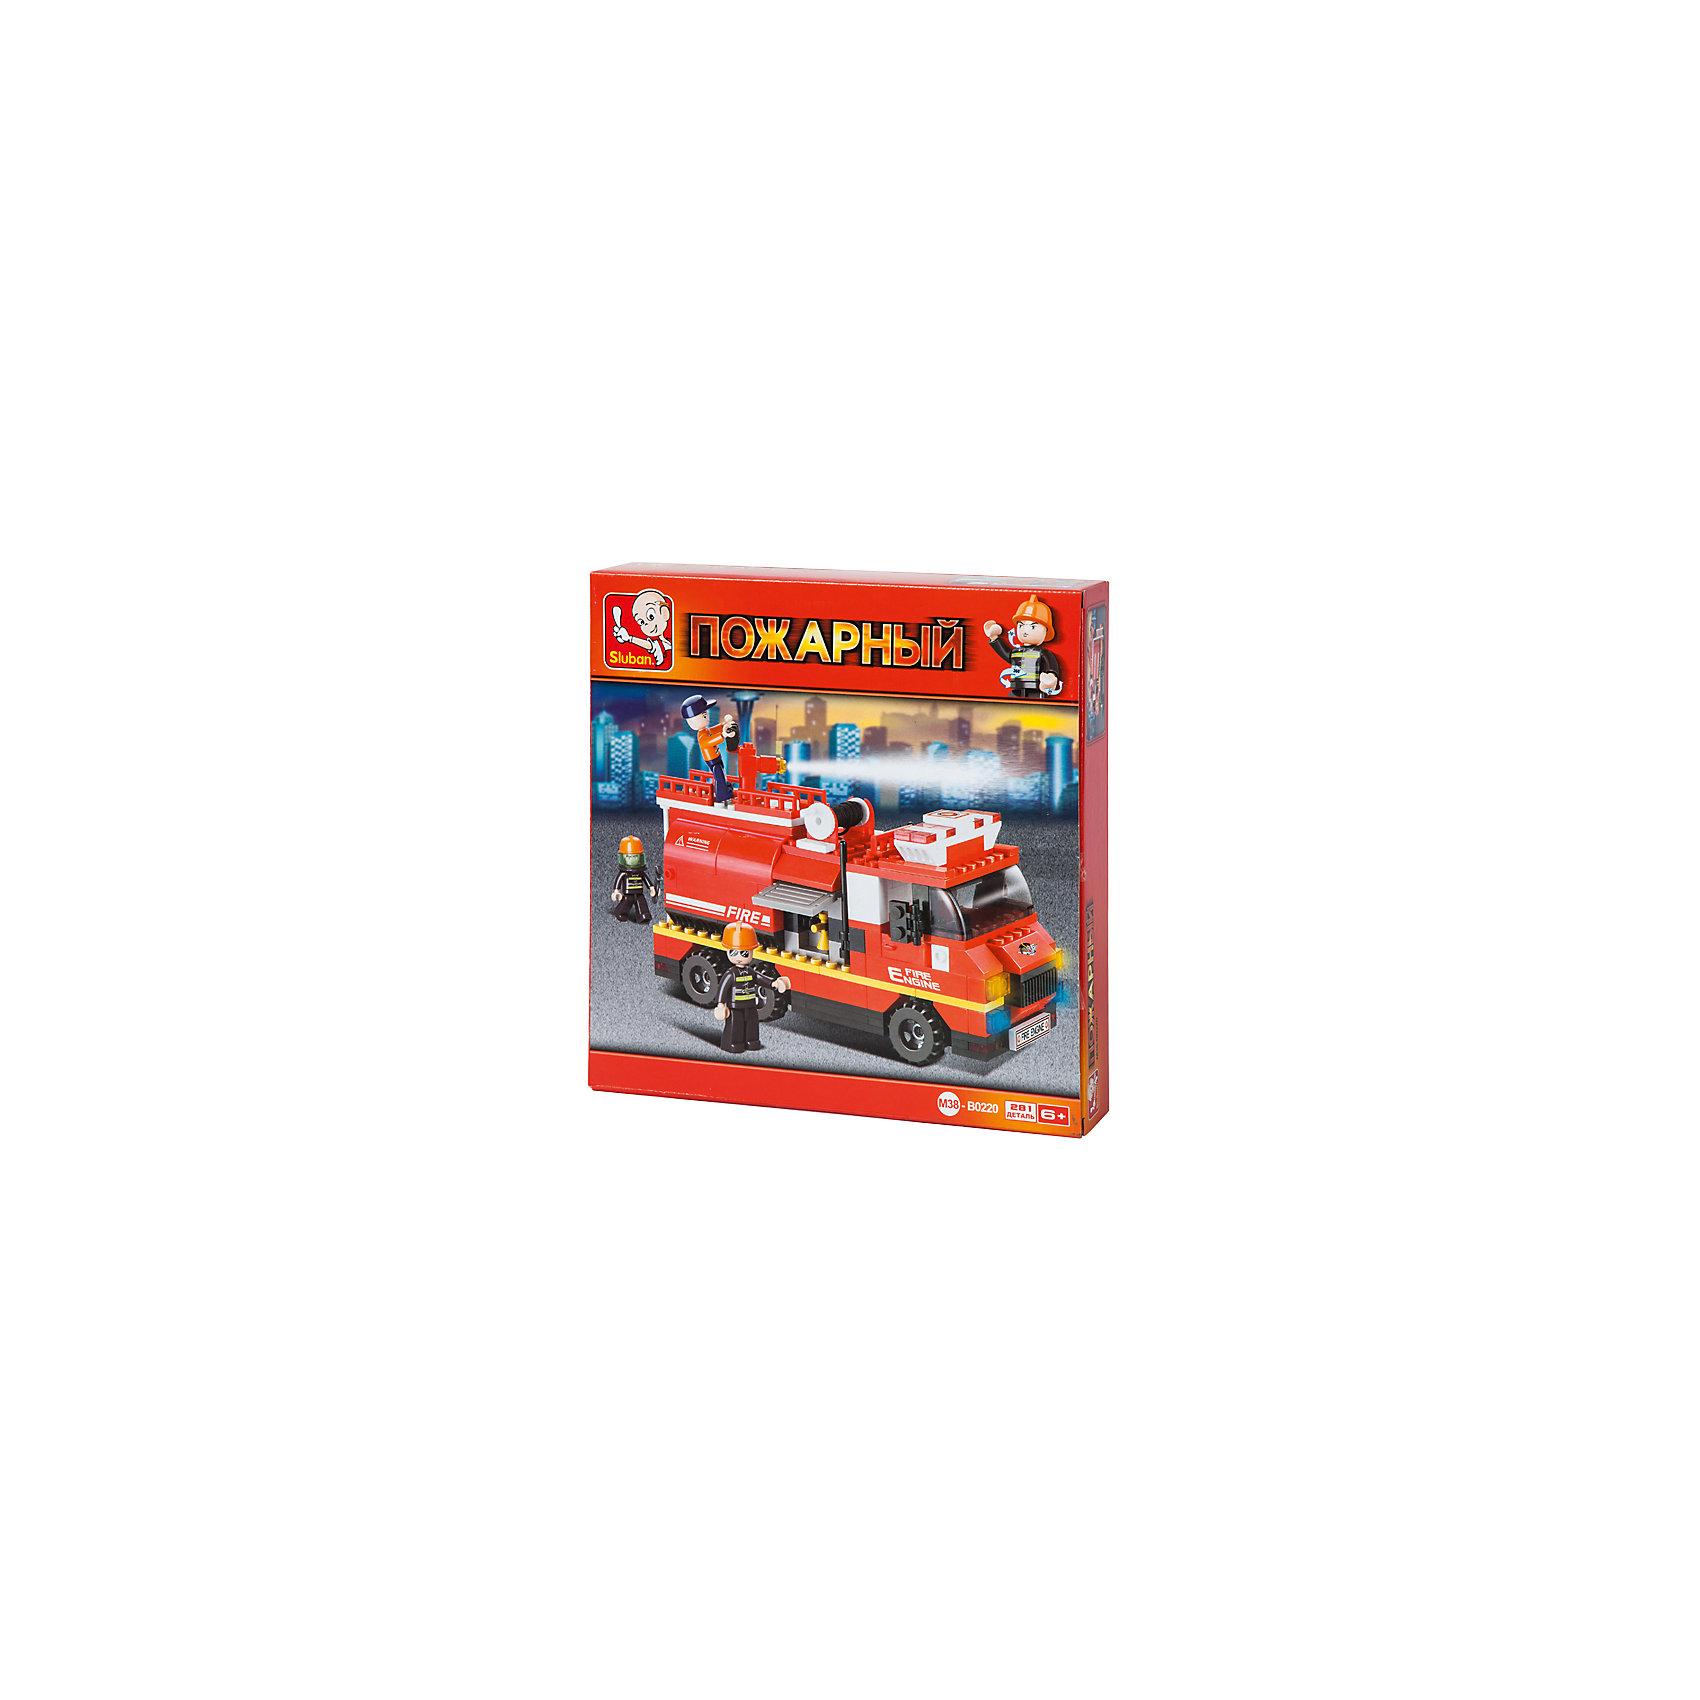 Конструктор Пожарный: Пожарная машина, 281 деталь, SlubanПластмассовые конструкторы<br>Конструктор Пожарный: Пожарная машина, 281 деталь, Sluban (Слубан)<br><br>Характеристики:<br><br>• возраст: от 6 лет<br>• пожарная машина с цистерной и водяной пушкой из конструктора<br>• количество деталей: 281<br>• количество фигурок: 3<br>• материал: пластик<br>• размер упаковки: 5,4х28,5х28,5 см<br>• вес: 510 грамм<br><br>Команда смелых спасателей не боится ничего, ведь у них есть машина с цистерной и водяной пушкой. А для того, чтобы собрать машину, ребенку необходимо соединить 281 деталь конструктора Sluban. С фигурками можно придумать интересные сюжетно-ролевые игры. Такой конструктор помогает развить мелкую моторику, воображение и усидчивость.<br><br>Конструктор Пожарный: Пожарная машина, 281 деталь, Sluban (Слубан) можно купить в нашем интернет-магазине.<br><br>Ширина мм: 285<br>Глубина мм: 285<br>Высота мм: 54<br>Вес г: 510<br>Возраст от месяцев: 72<br>Возраст до месяцев: 2147483647<br>Пол: Мужской<br>Возраст: Детский<br>SKU: 5453767